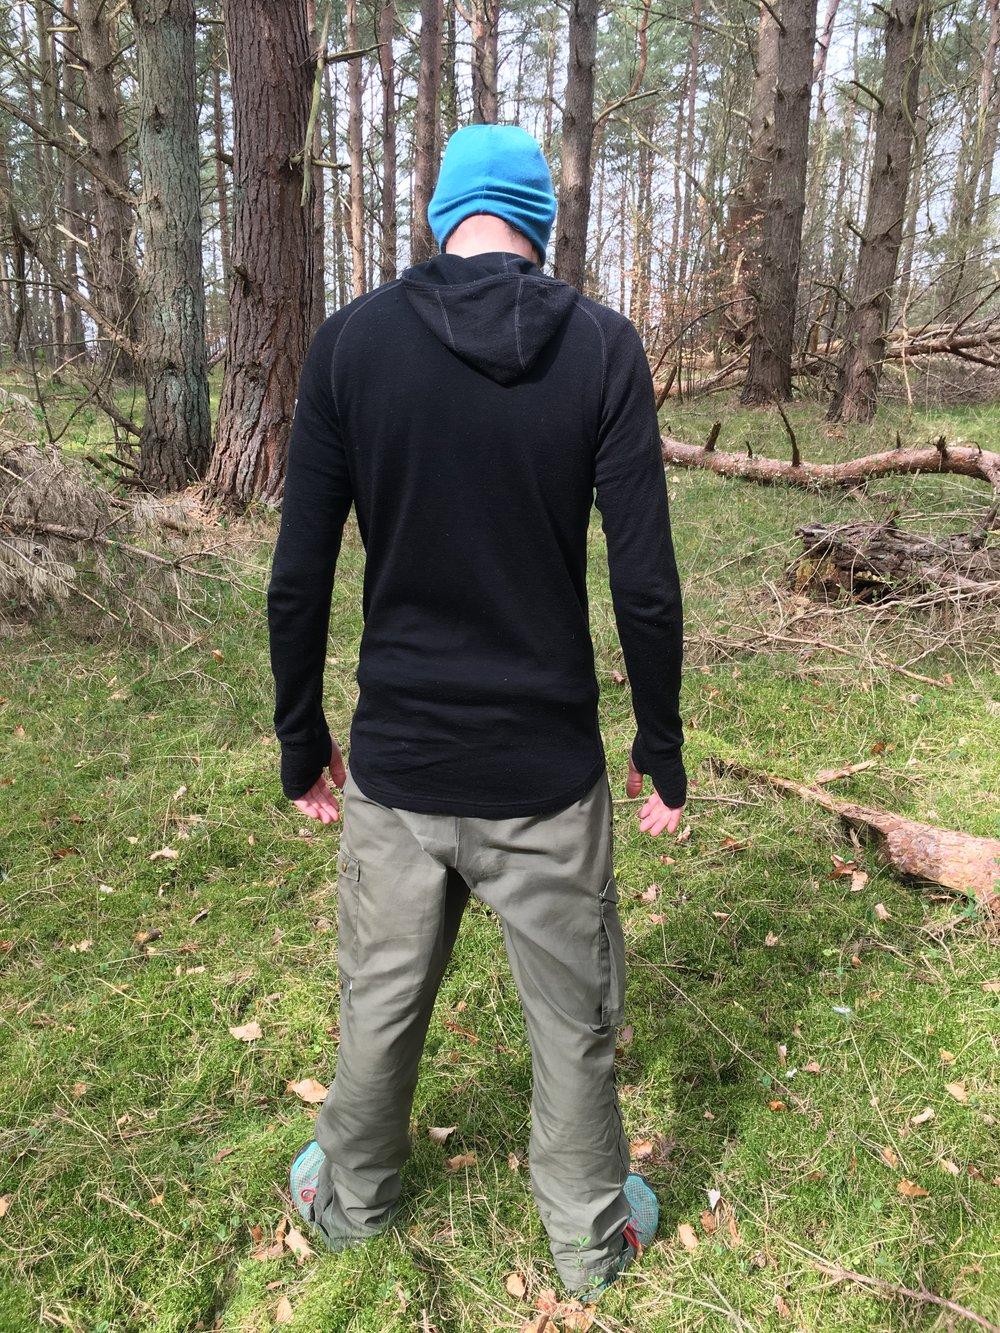 Læg mærke til hvor langt trøjen går ned - så kryber den ikke op når man bukker sig ned. Foto: Johanne Rose Conrad